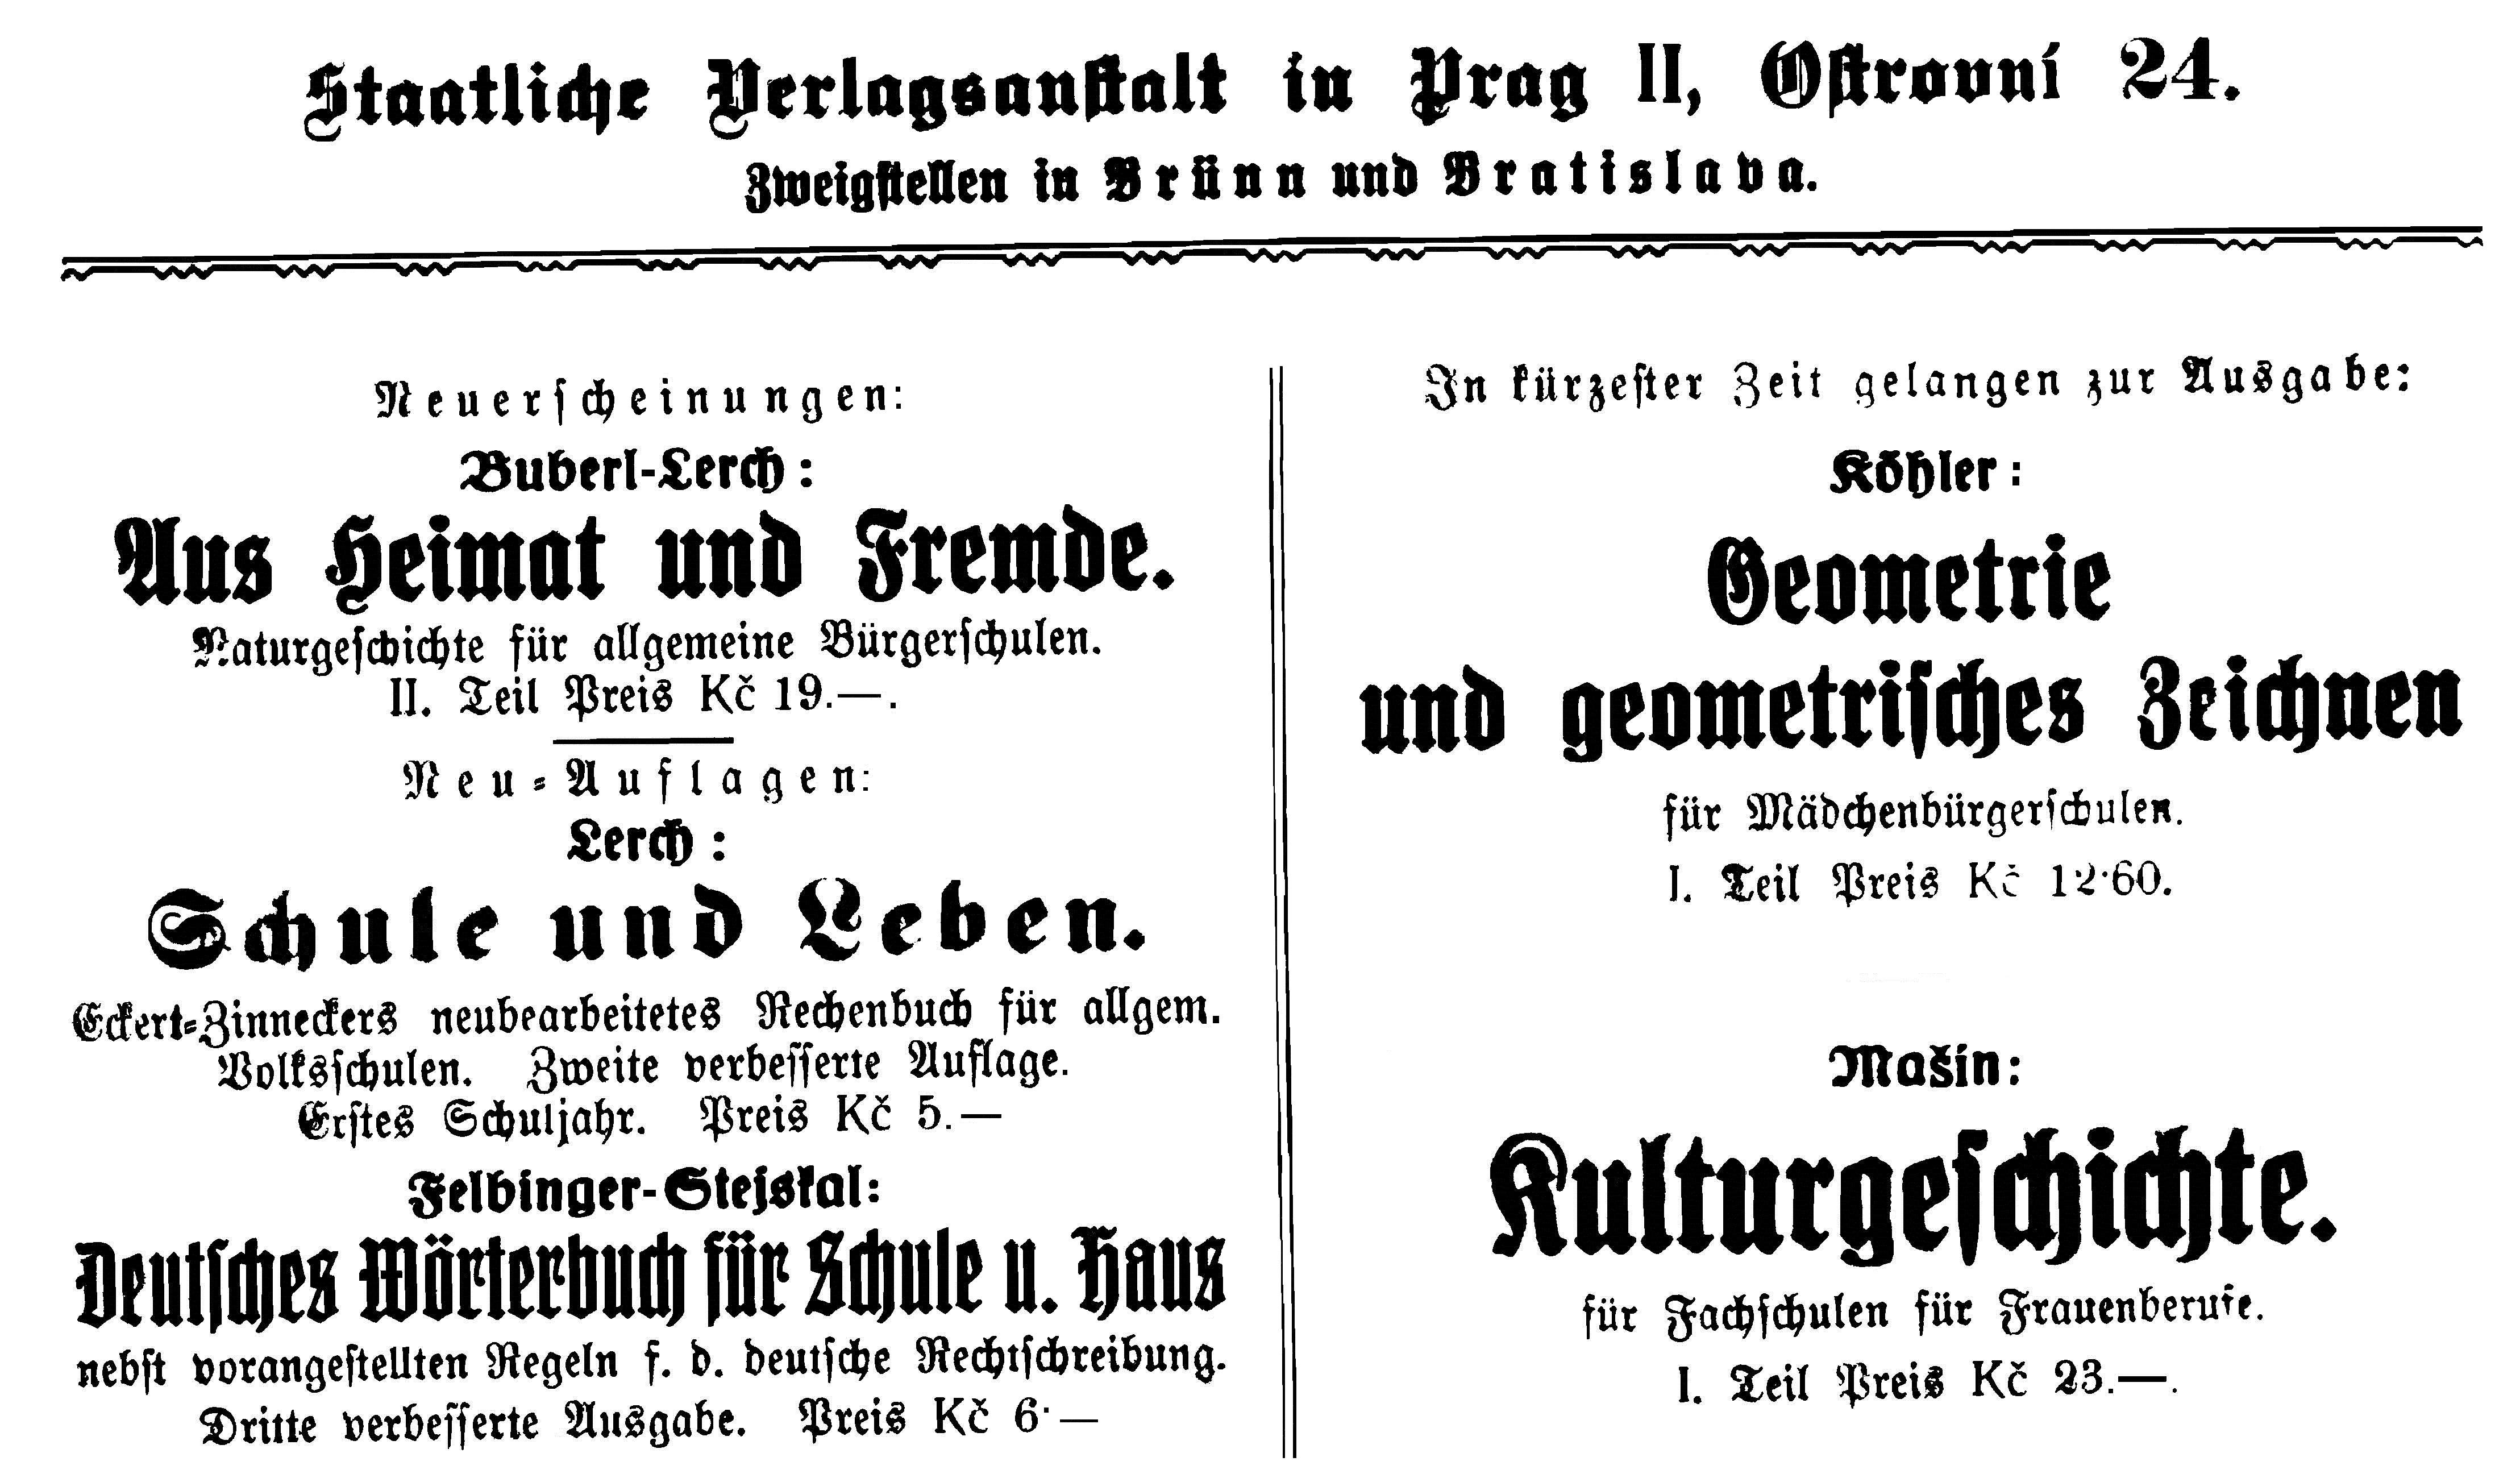 Staatliche Verlagsanstalt Anzeige